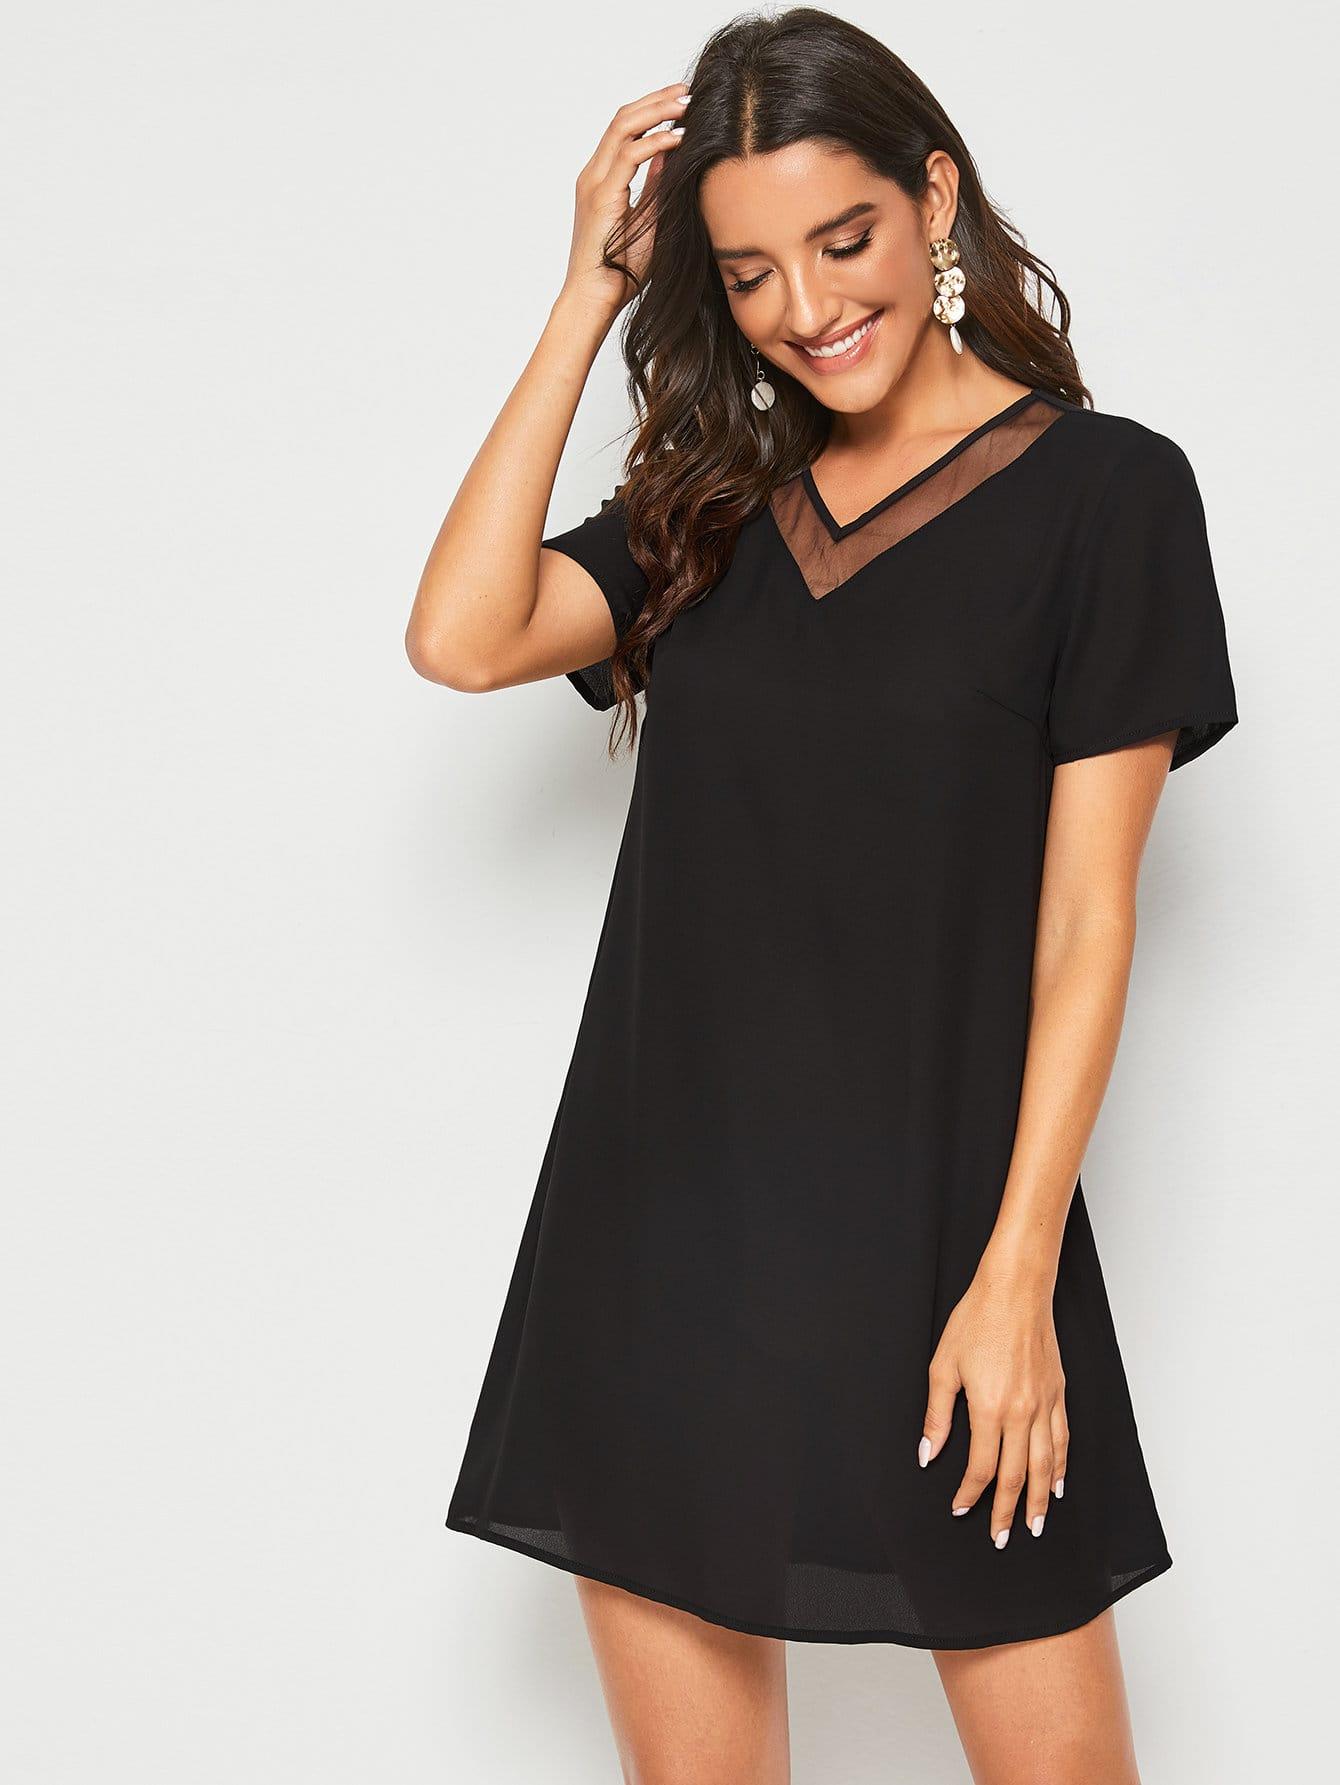 Фото - Однотонное платье со сетчатой вставкой от SheIn цвет чёрные